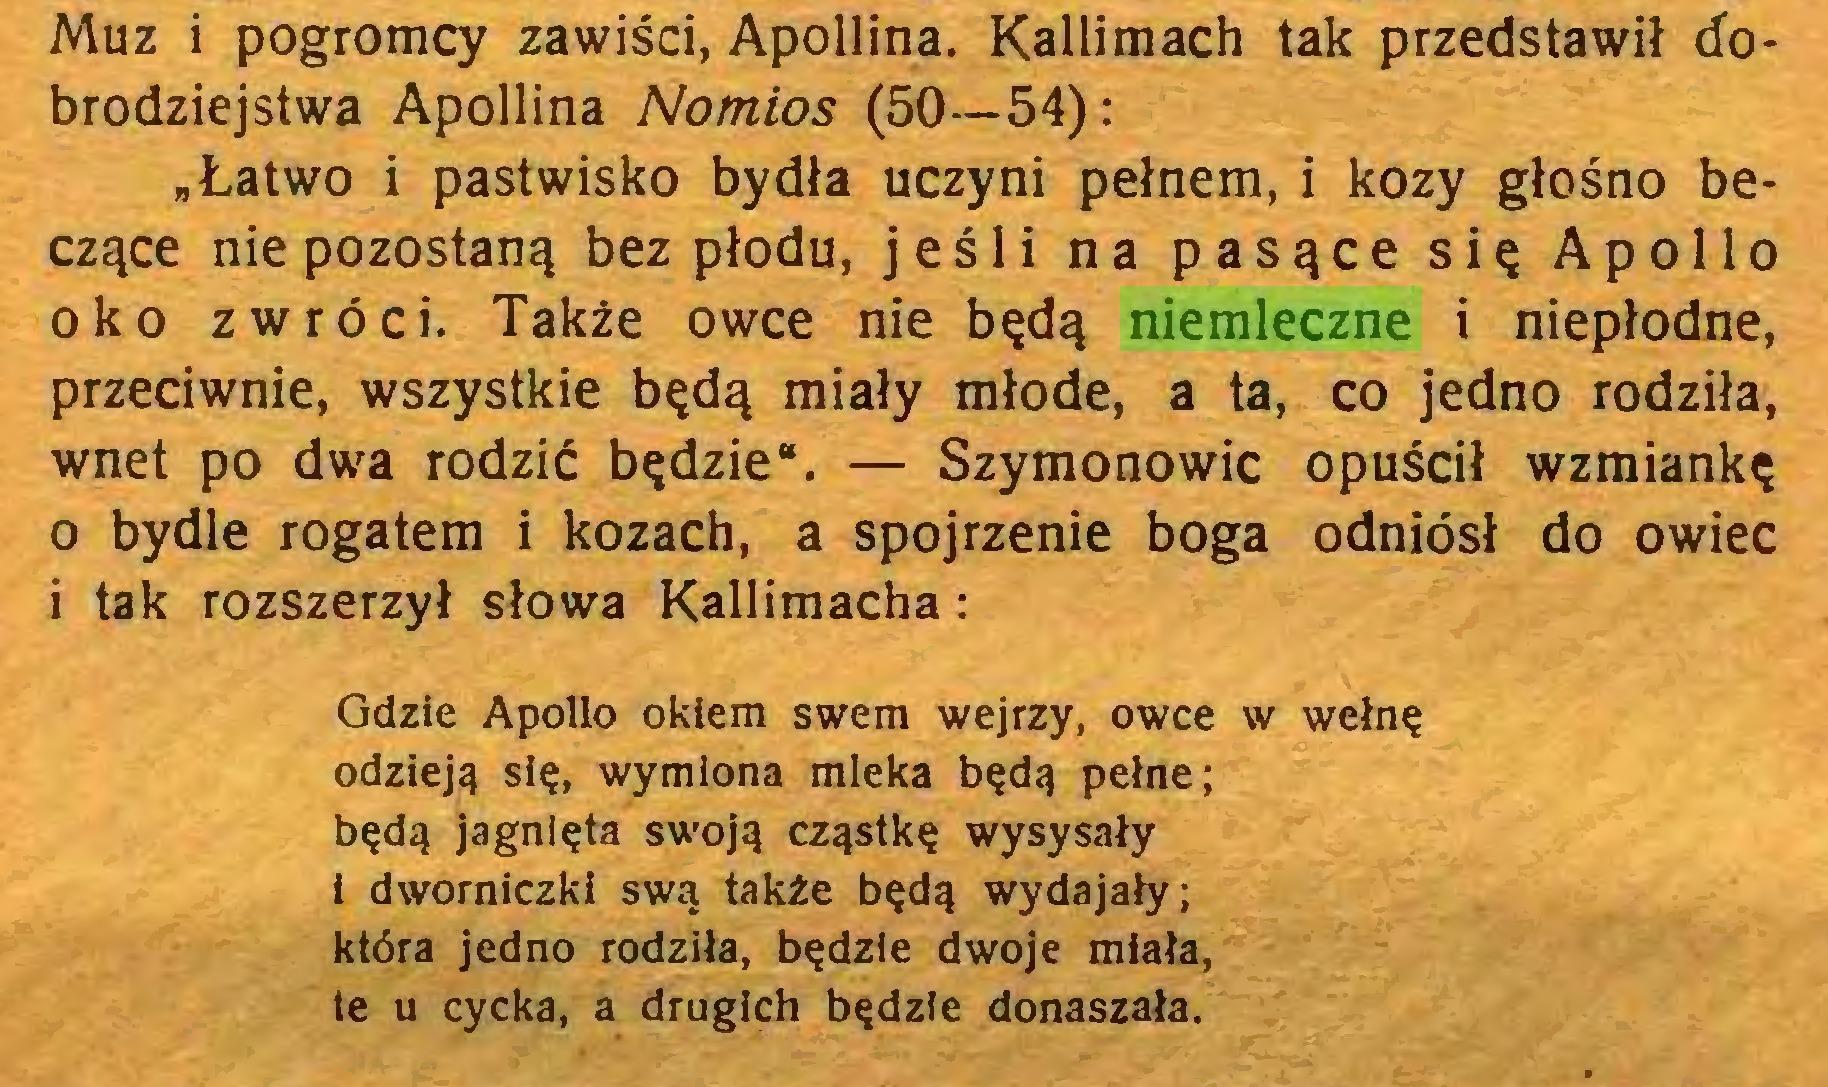 """(...) Muz i pogromcy zawiści, Apollina. Kallimach tak przedstawił dobrodziejstwa Apollina Nomios (50—54): """"Łatwo i pastwisko bydła uczyni pełnem, i kozy głośno beczące nie pozostaną bez płodu, jeśli na pasące się Apollo oko zwróci. Także owce nie będą niemleczne i niepłodne, przeciwnie, wszystkie będą miały młode, a ta, co jedno rodziła, wnet po dwa rodzić będzie"""". — Szymonowie opuścił wzmiankę 0 bydle rogatem i kozach, a spojrzenie boga odniósł do owiec 1 tak rozszerzył słowa Kallimacha: Gdzie Apollo okiem swem wejrzy, owce w wełnę odzieją się, wymiona mleka będą pełne; będą jagnięta swoją cząstkę wysysały i dwomiczki swą także będą wydajały; która jedno rodziła, będzie dwoje miała, te u cycka, a drugich będzie donaszała..."""